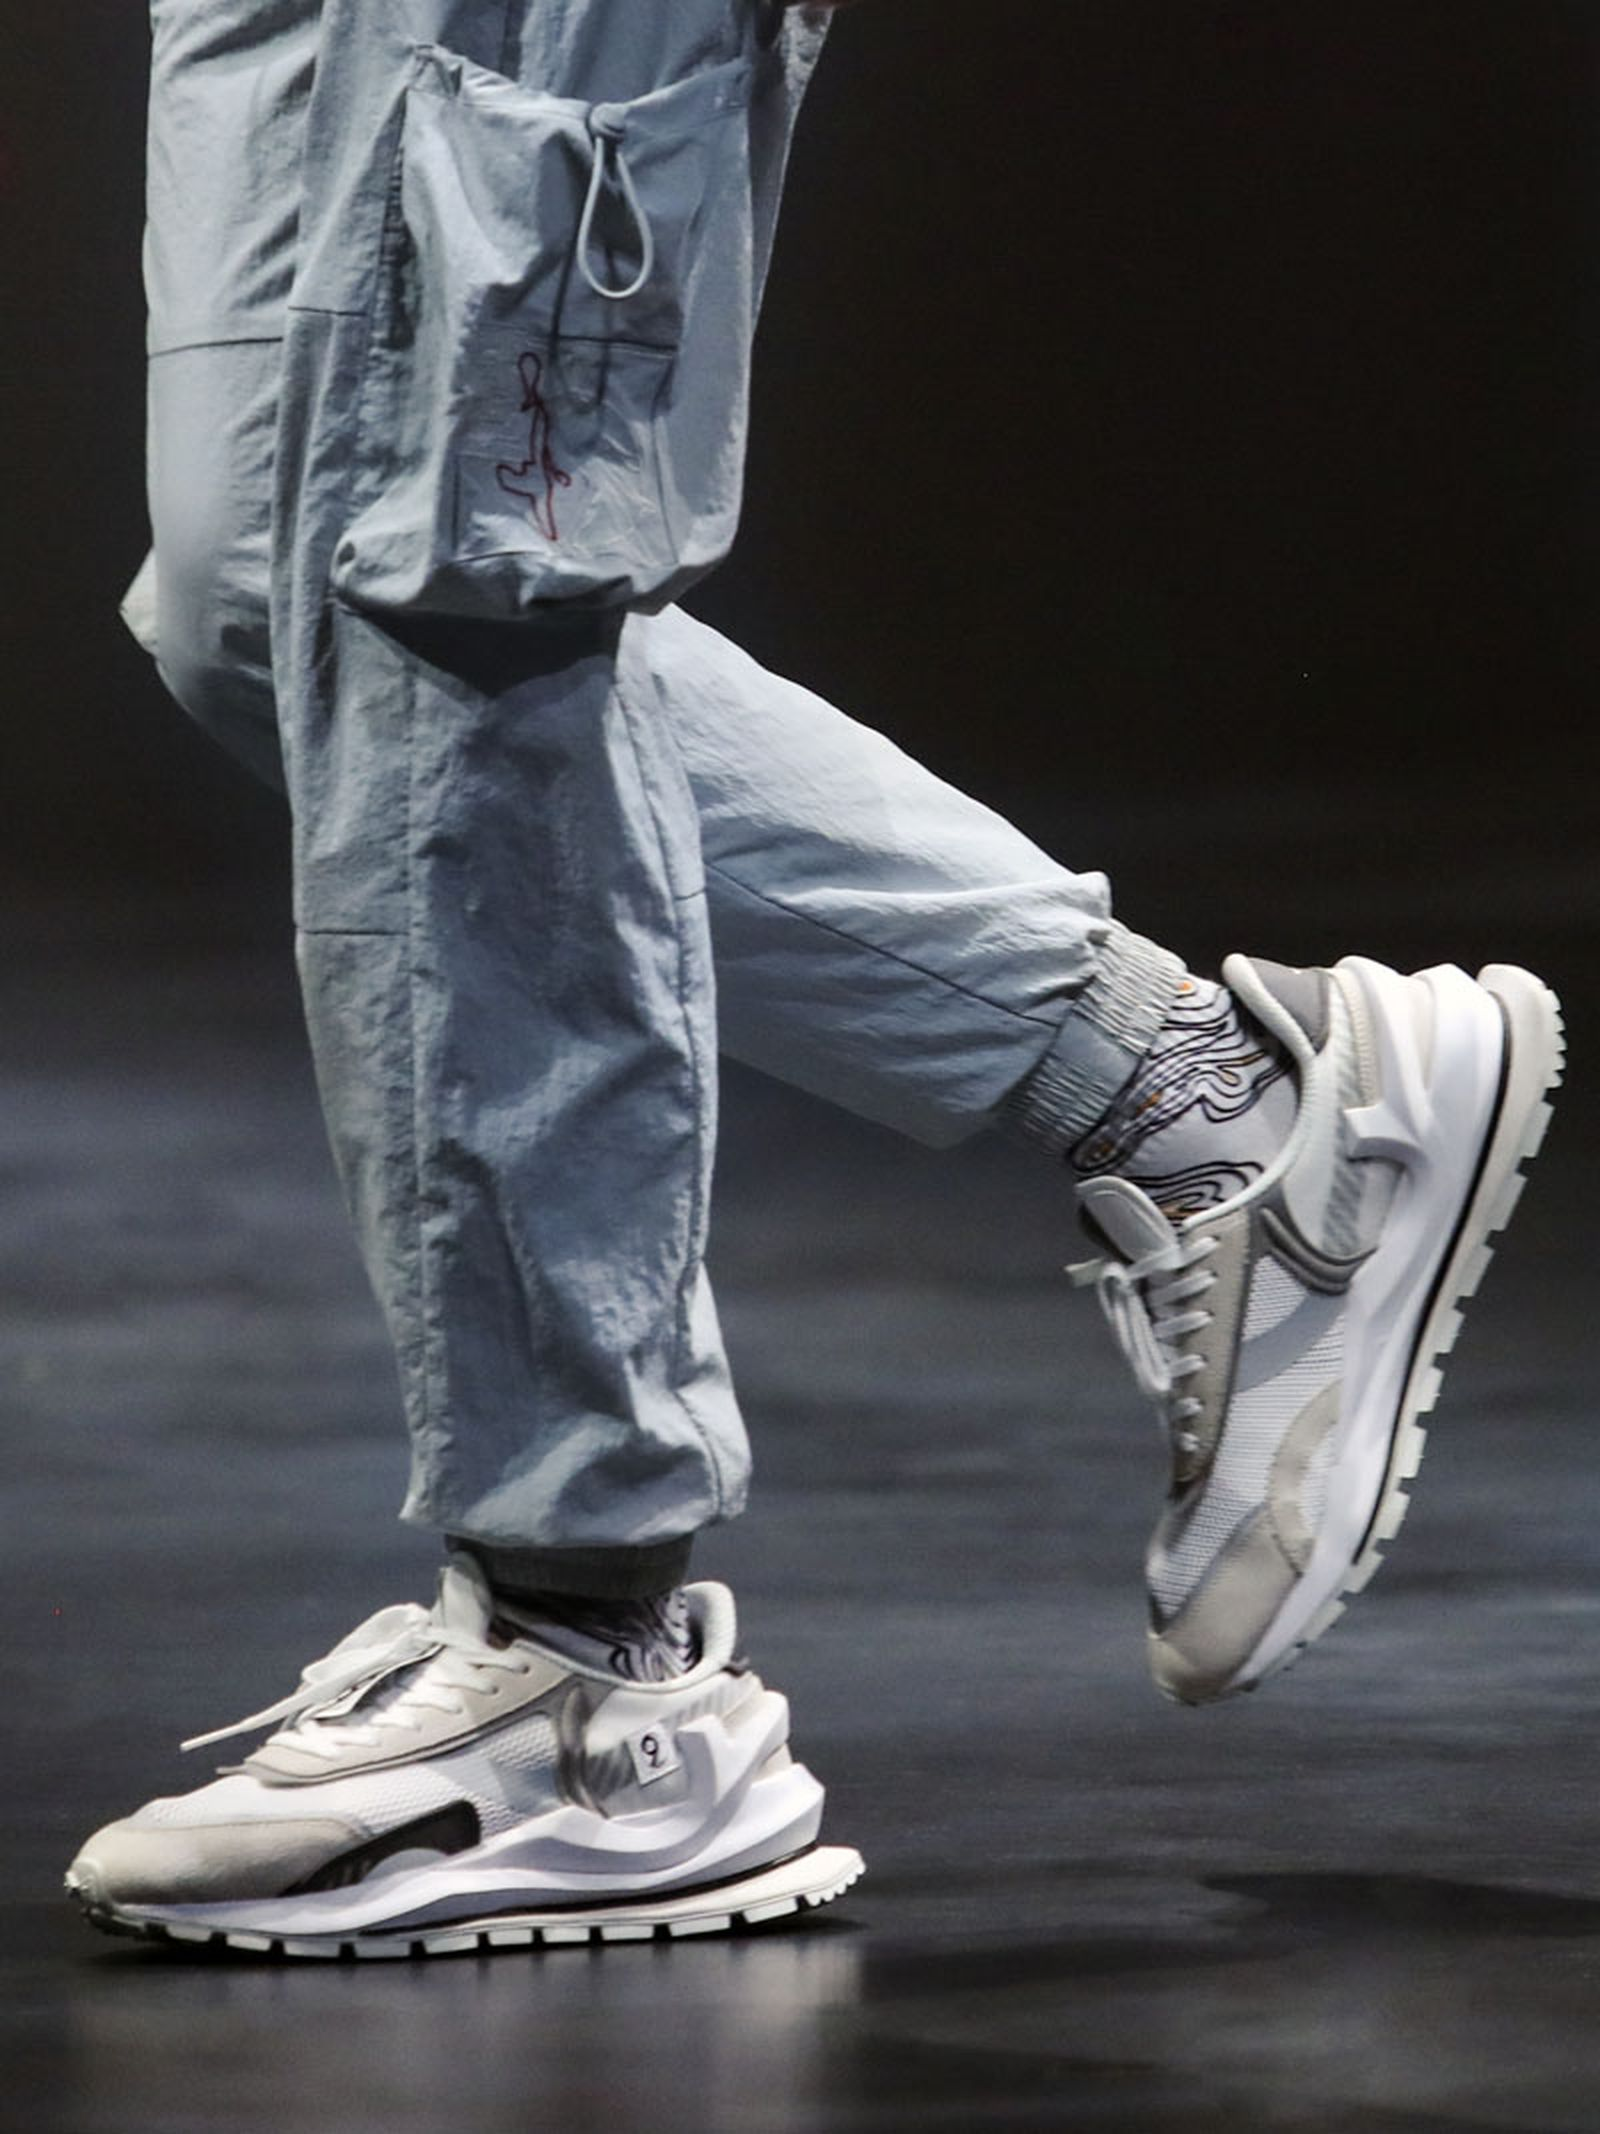 li-ning-ss21-footwear-collection-paris-fashion-week-18